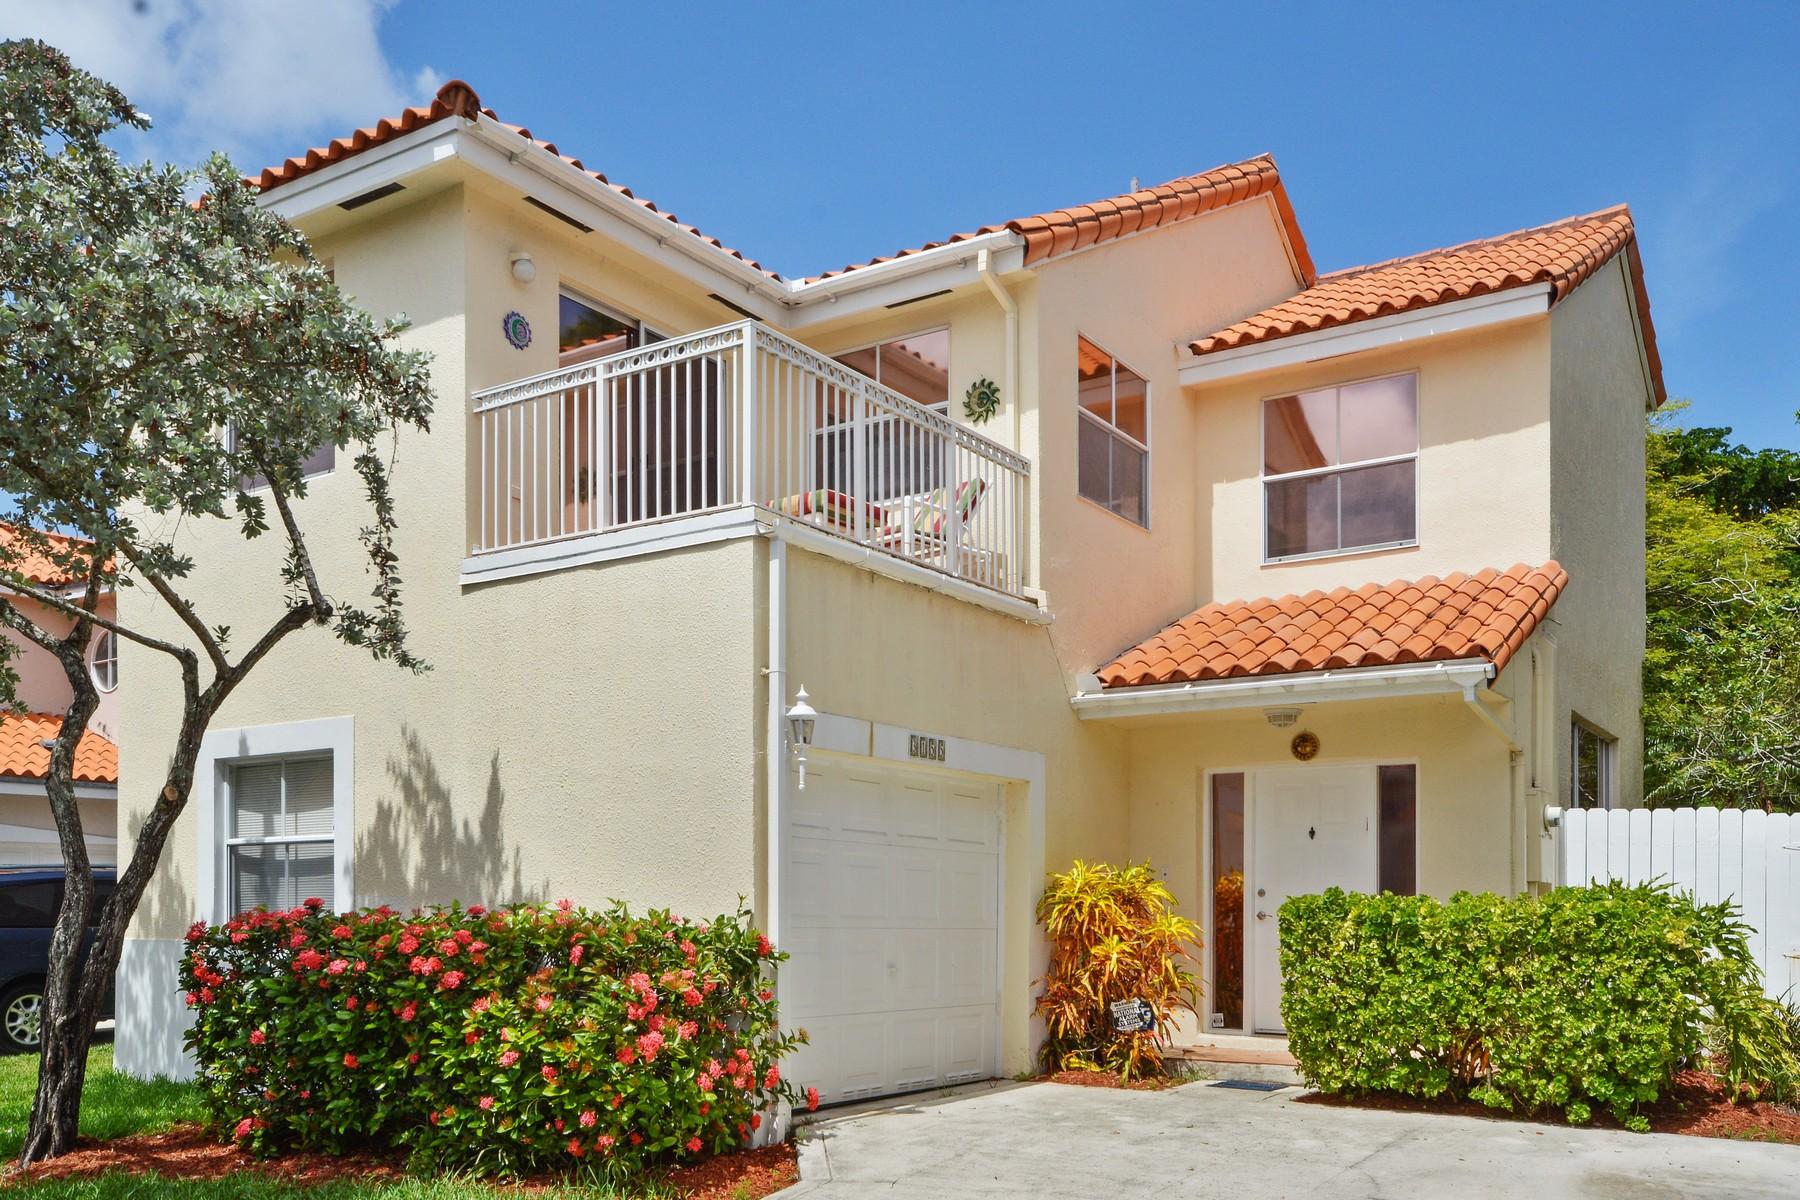 Casa Unifamiliar por un Venta en Emerald Pointe 3155 N 36th Ave. Hollywood, Florida 33021 Estados Unidos